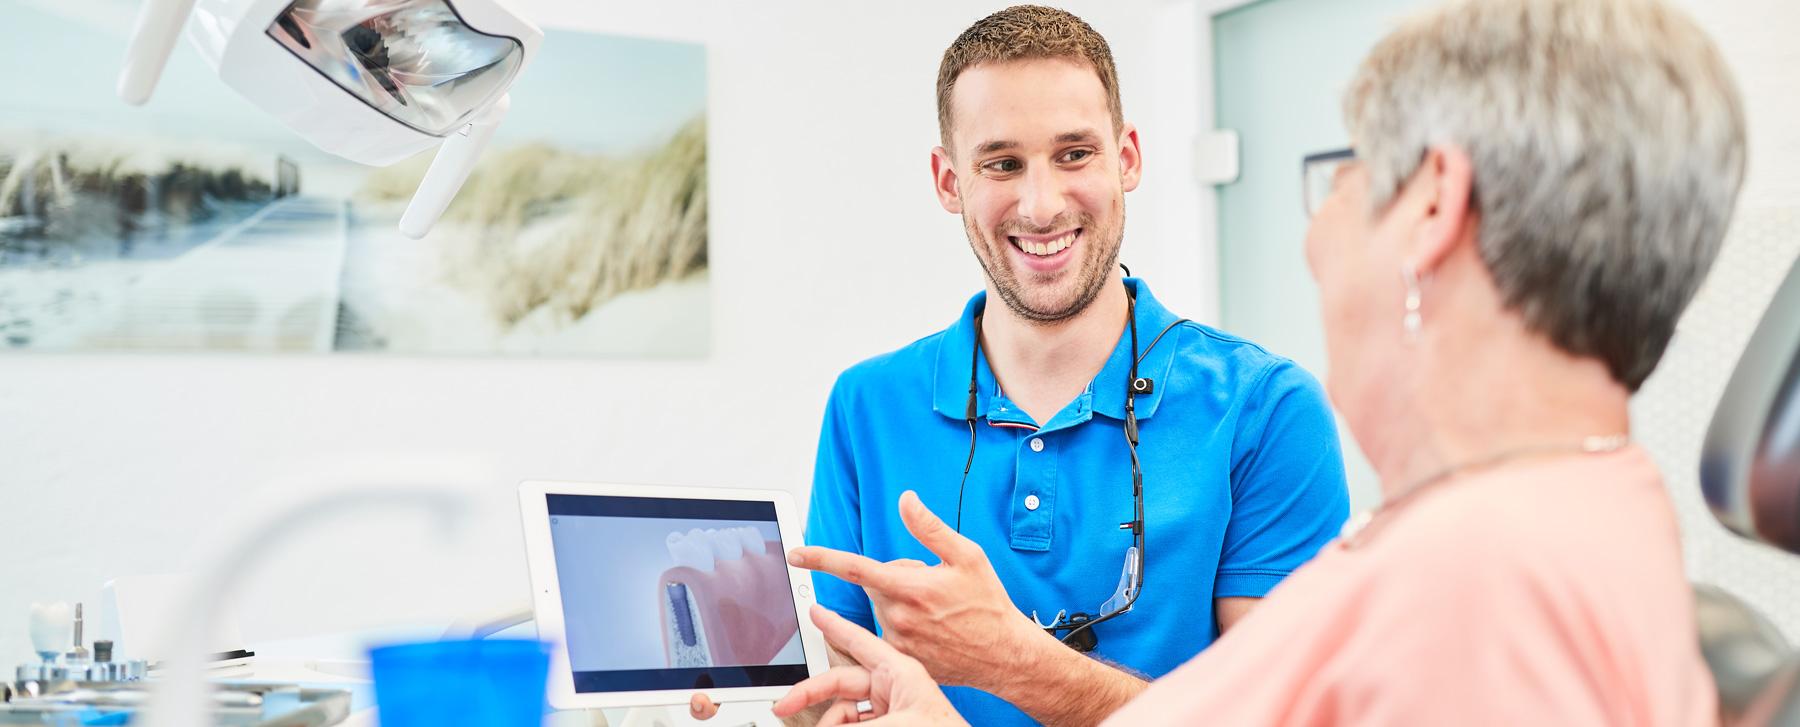 Zahnarzt Dr. Schraivogel - Behandlung 4